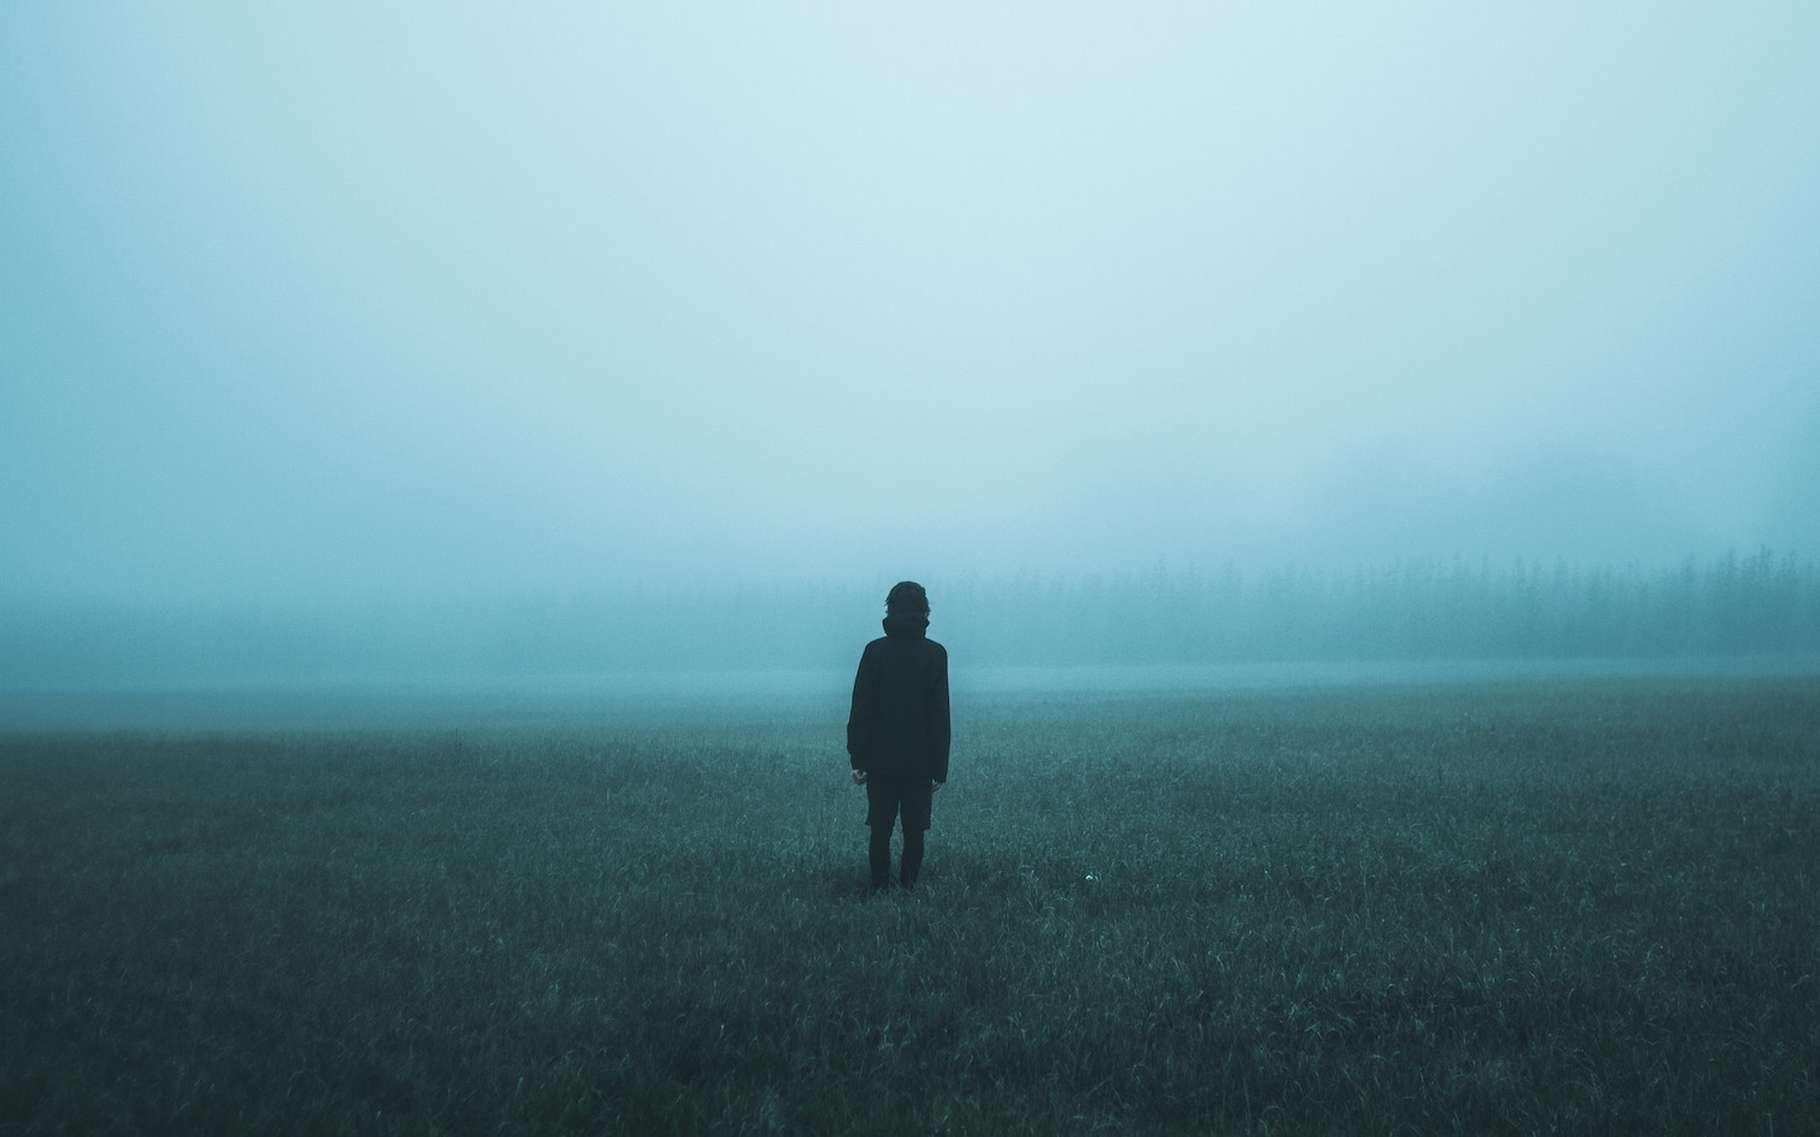 En 536, un épais brouillard a plongé le monde dans l'obscurité, marquant le début de l'une des périodes les plus noires de l'histoire de l'humanité. © Jakub Kriz, Unsplash